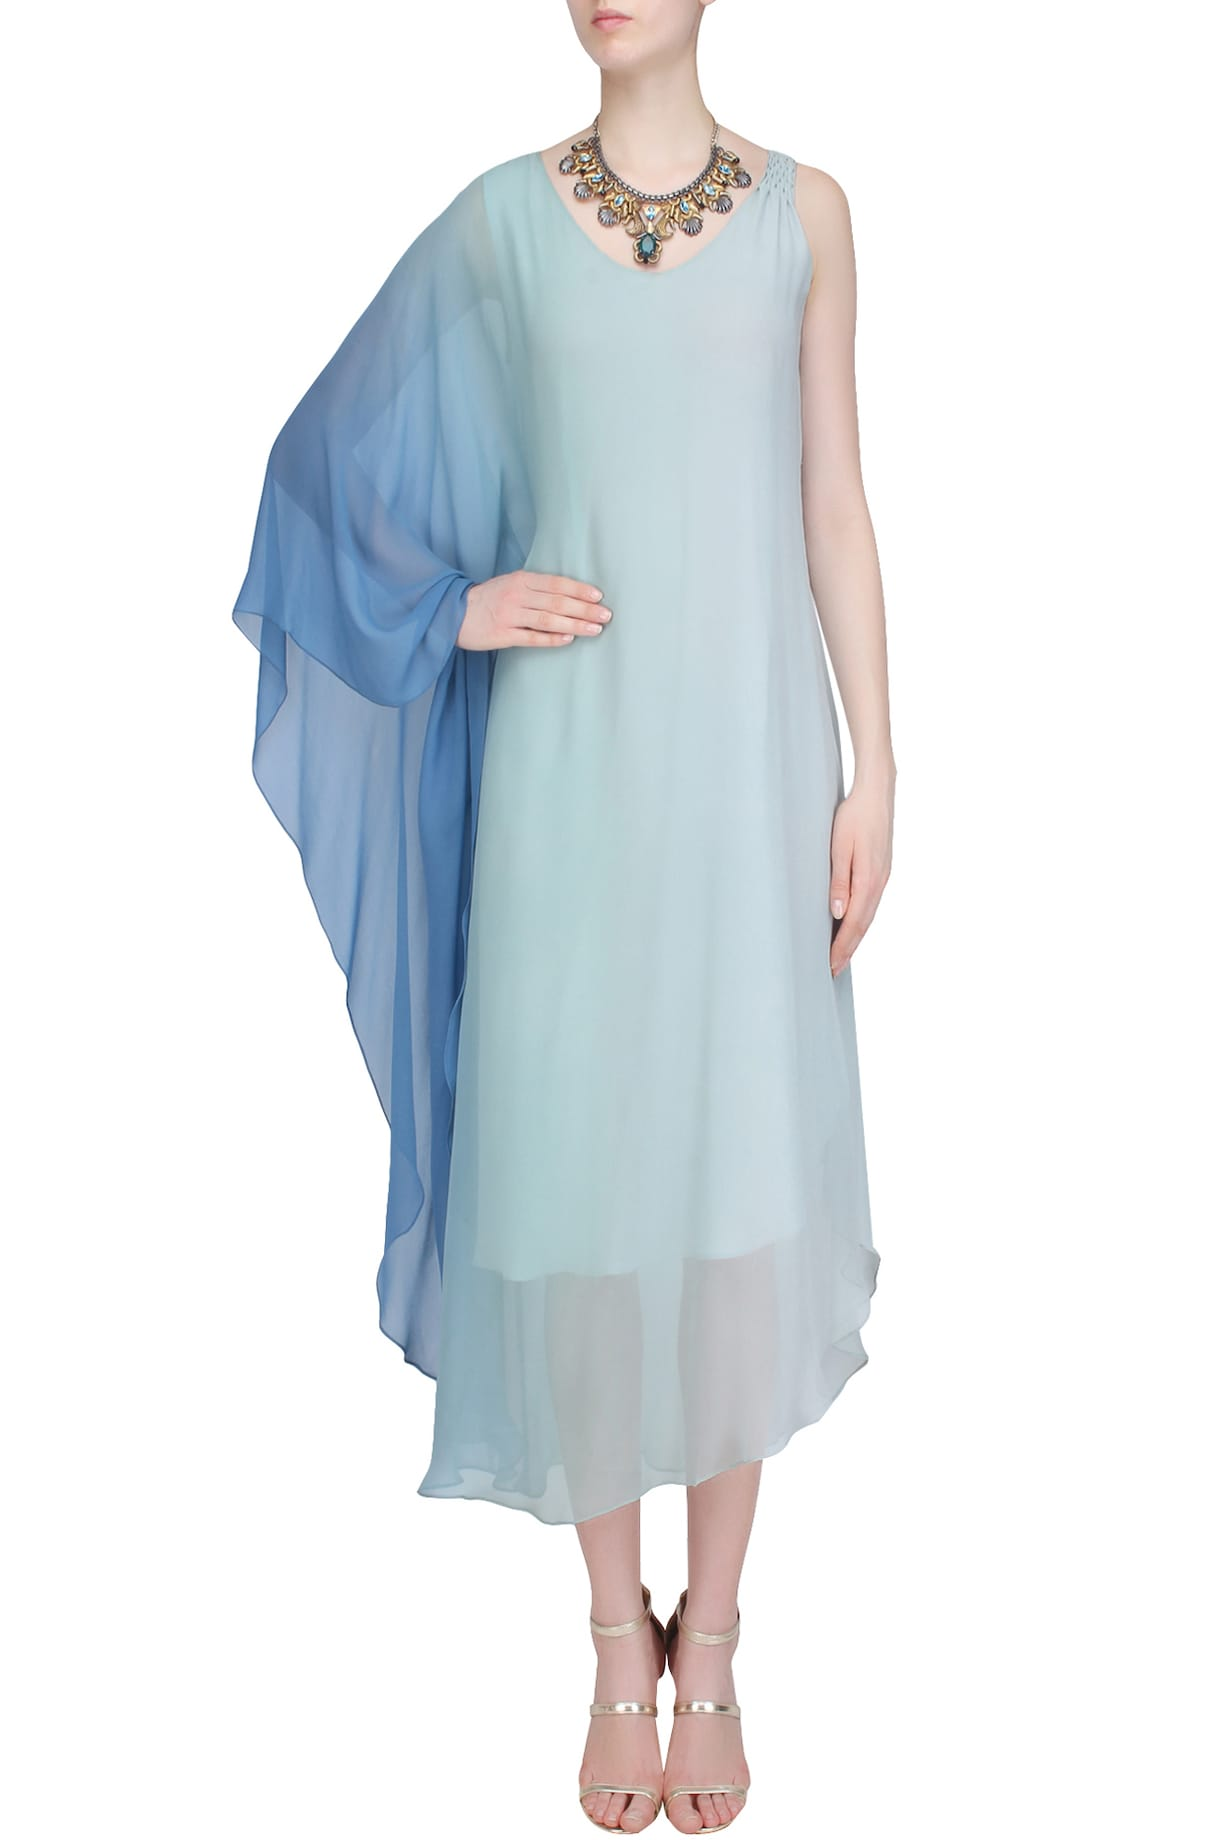 Soutache Dresses